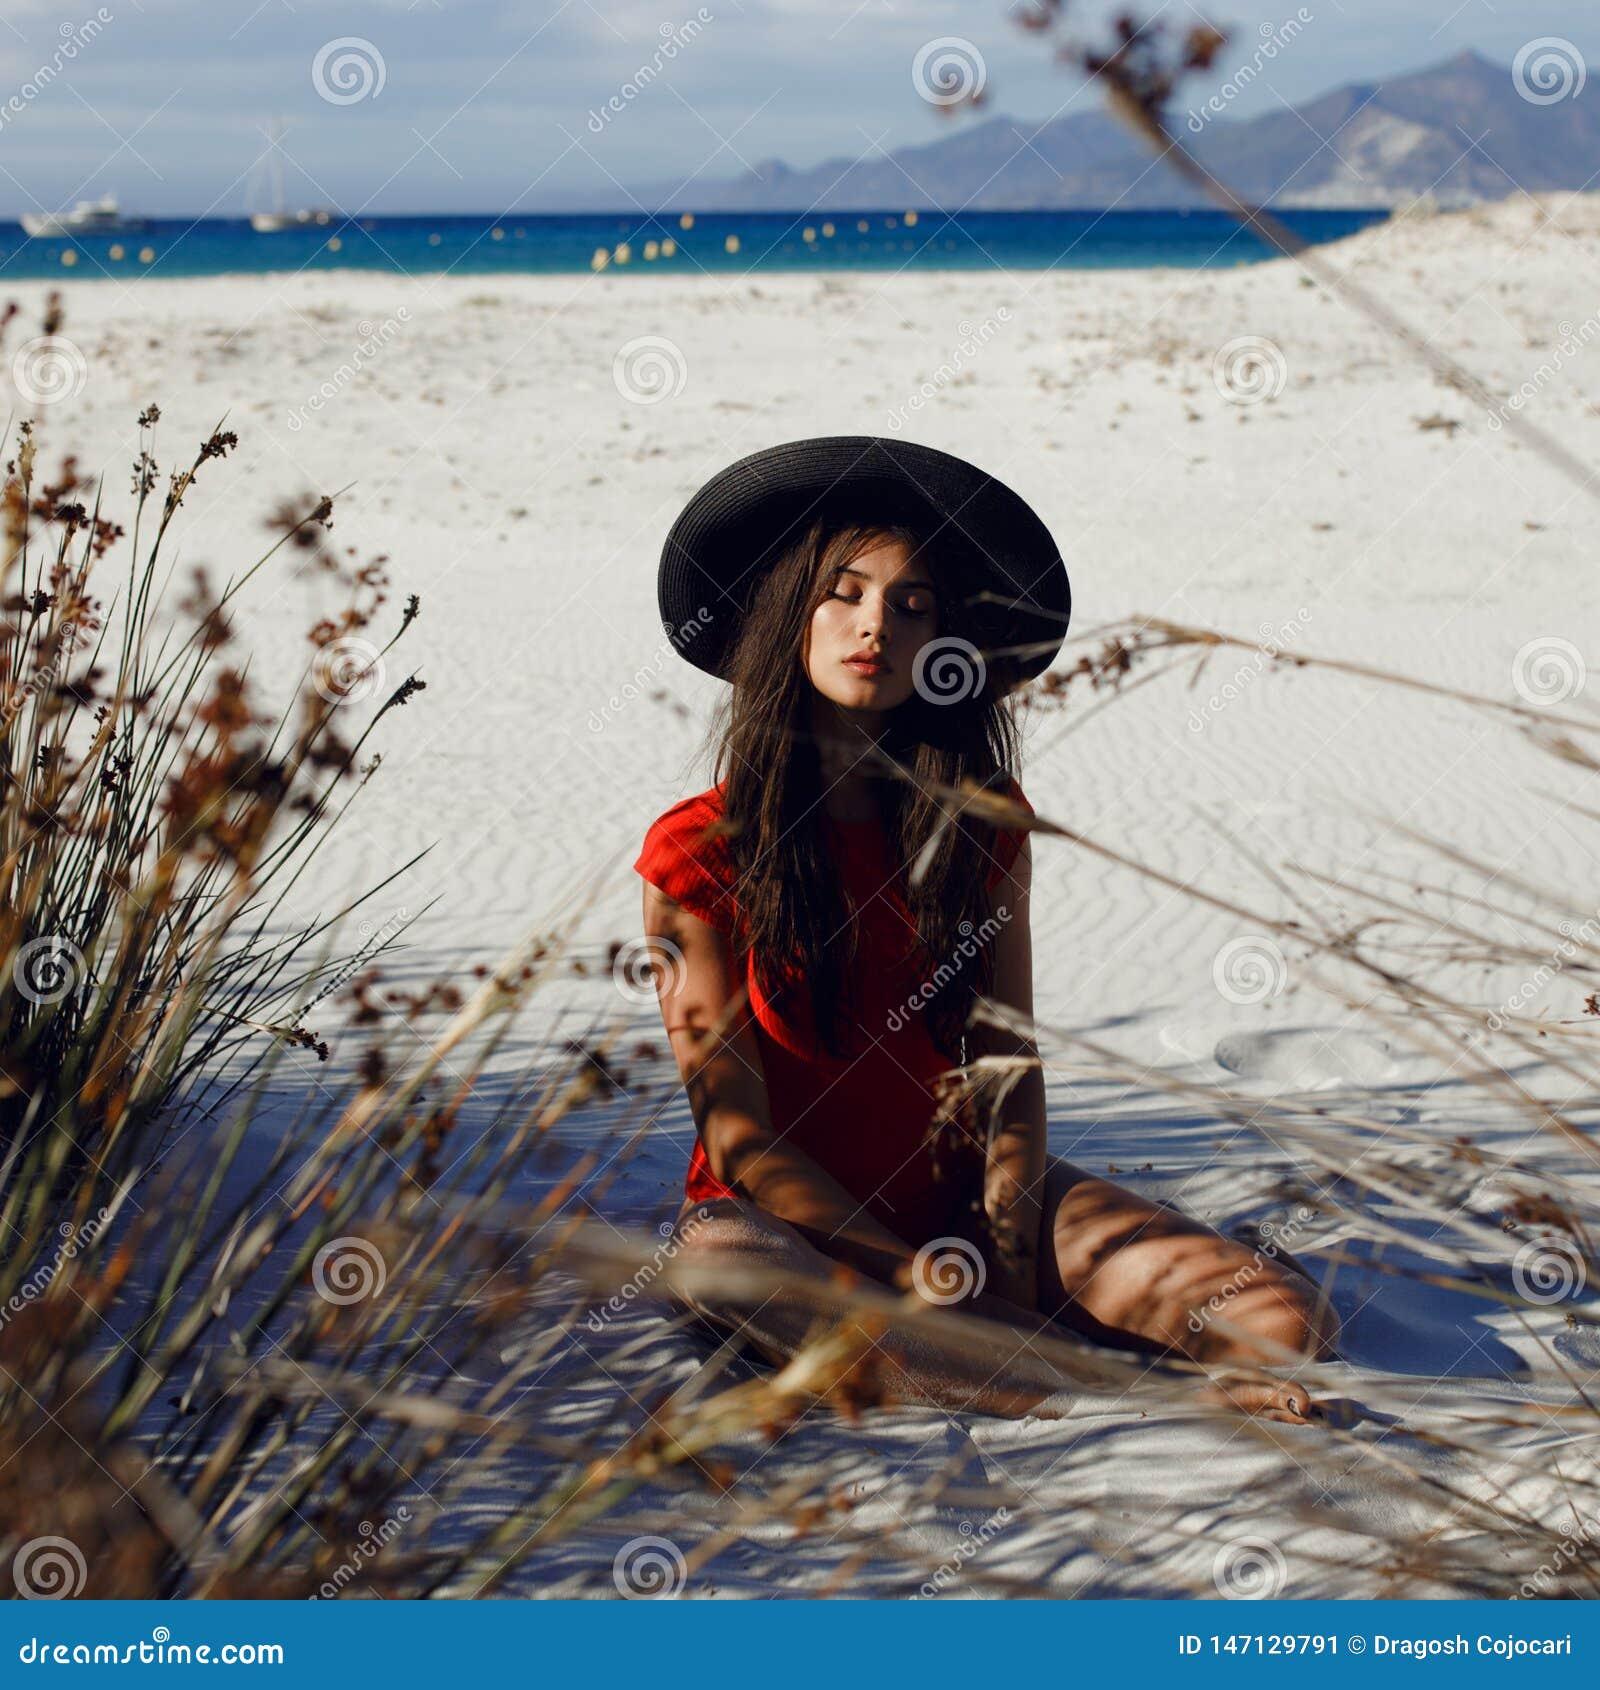 Sexig kvinnlig modell som poserar på stranden på sand i röd baddräkt med den svarta hatten, med stängda ögon, på en seascape